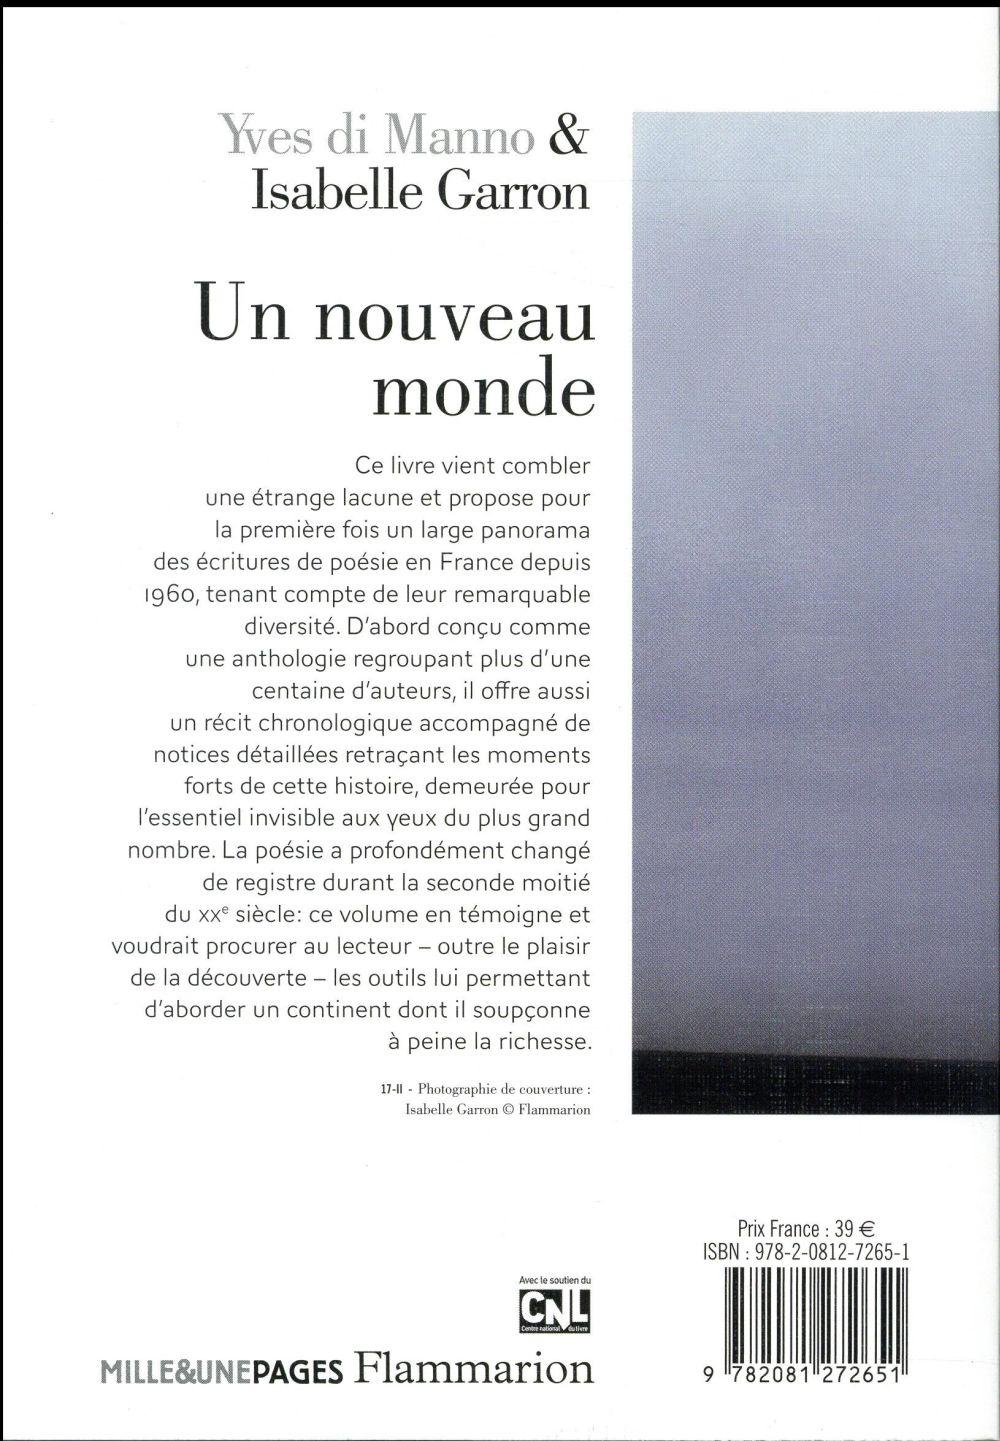 un nouveau monde ; poésies en France, 1960-2010